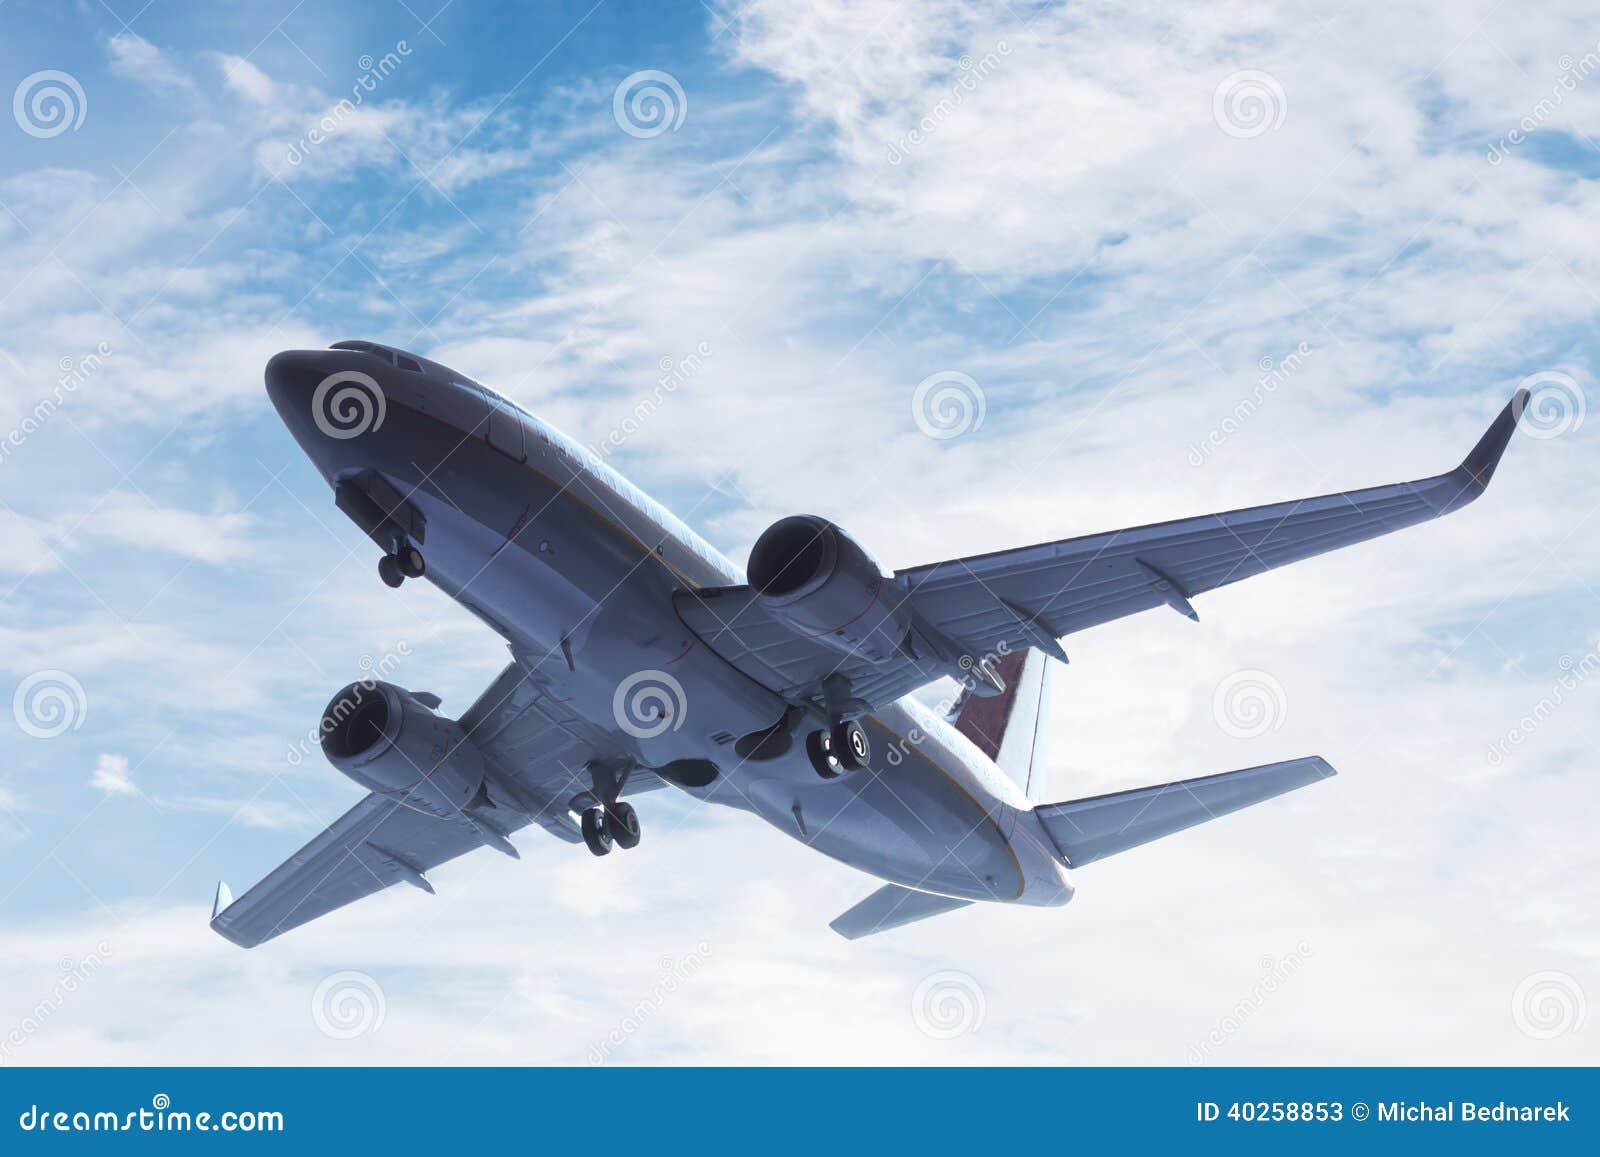 Samolot bierze daleko. Duży pasażera lub ładunku samolot, linii lotniczej latanie. Transport